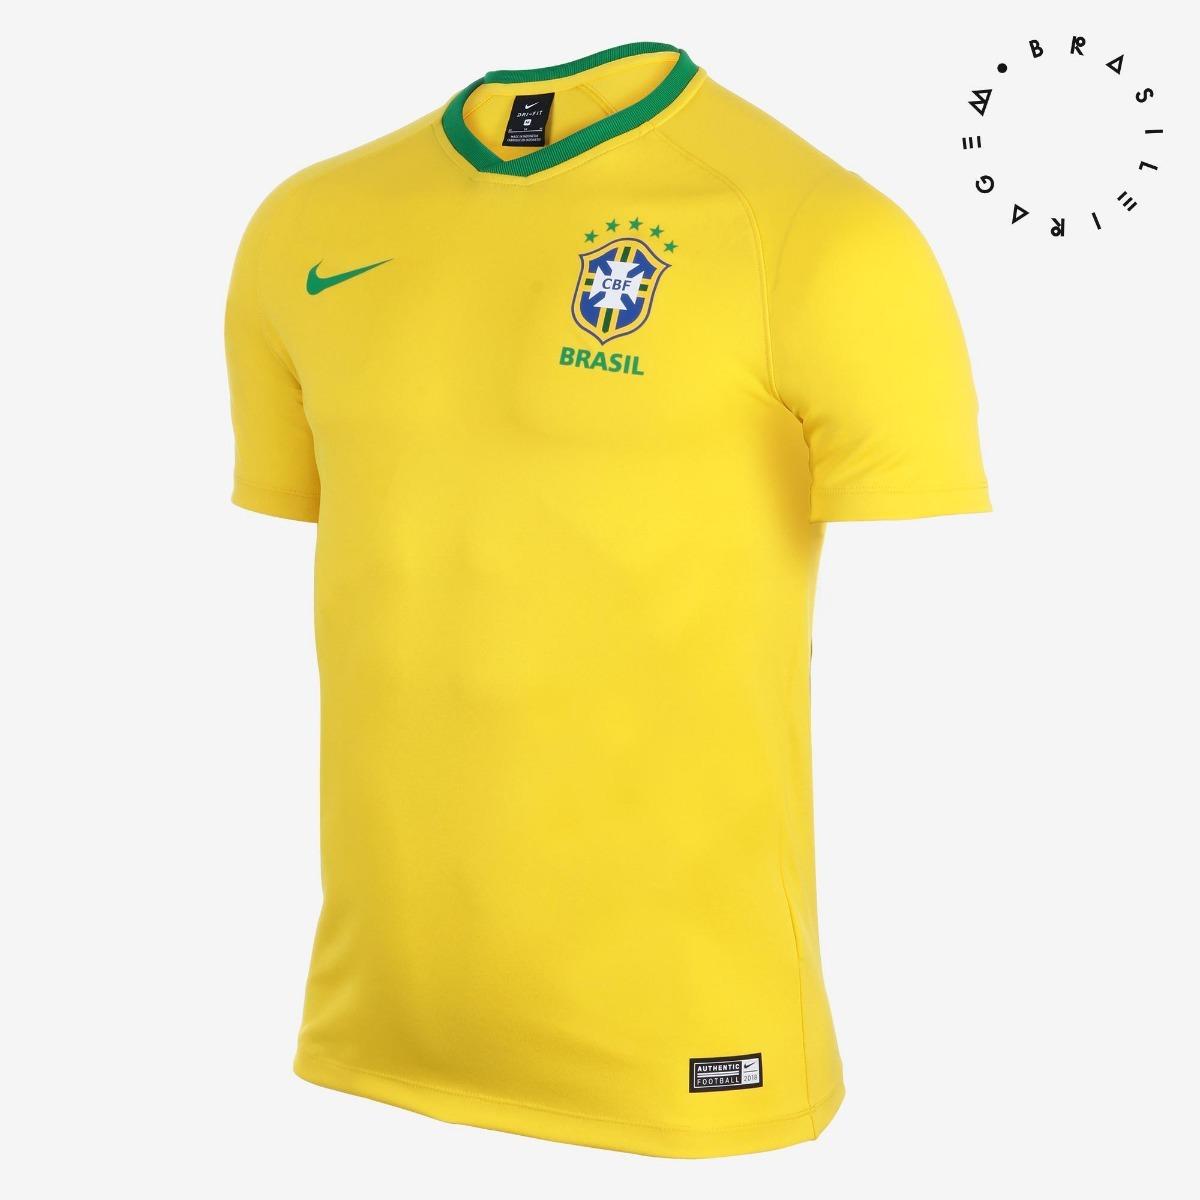 def543b0fe camiseta da seleção brasileira 2018 crest nike - masculina. Carregando zoom.